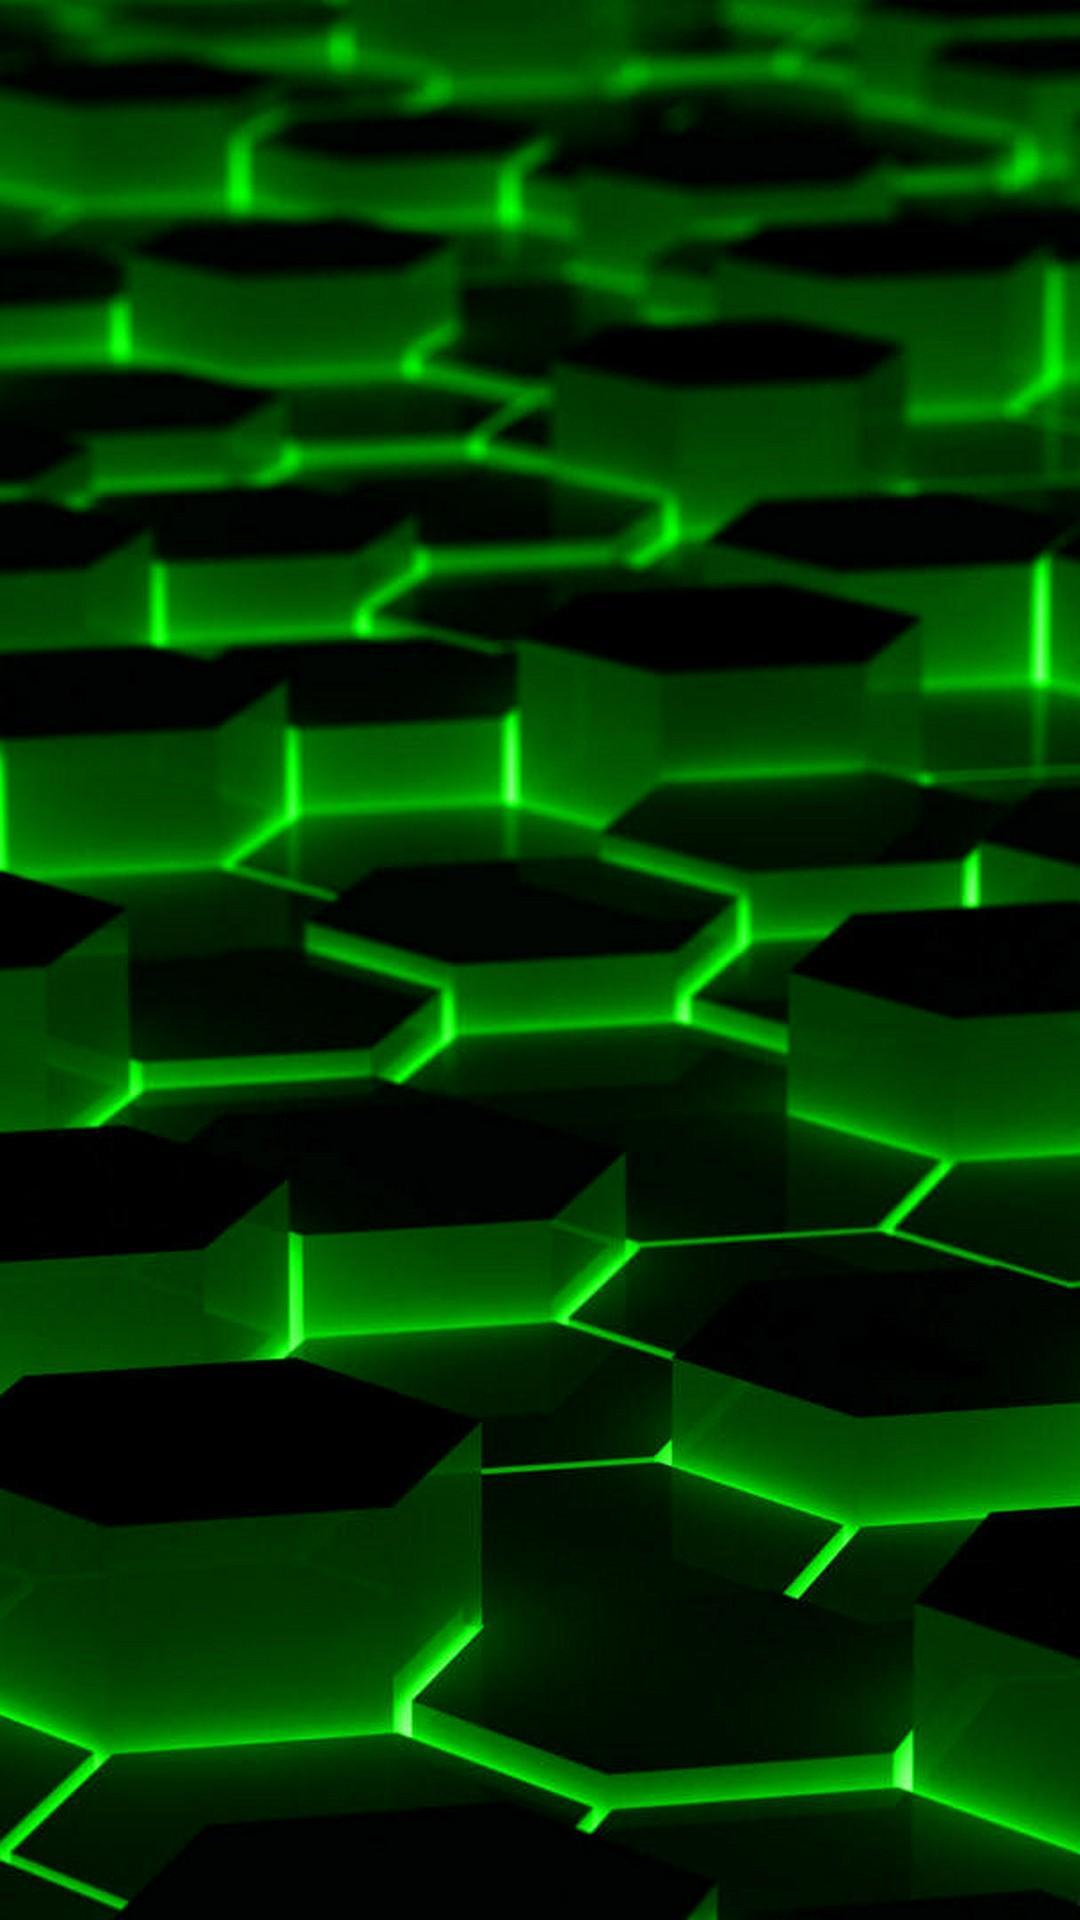 Neon 4k Iphone X Wallpapers Wallpaper Cave